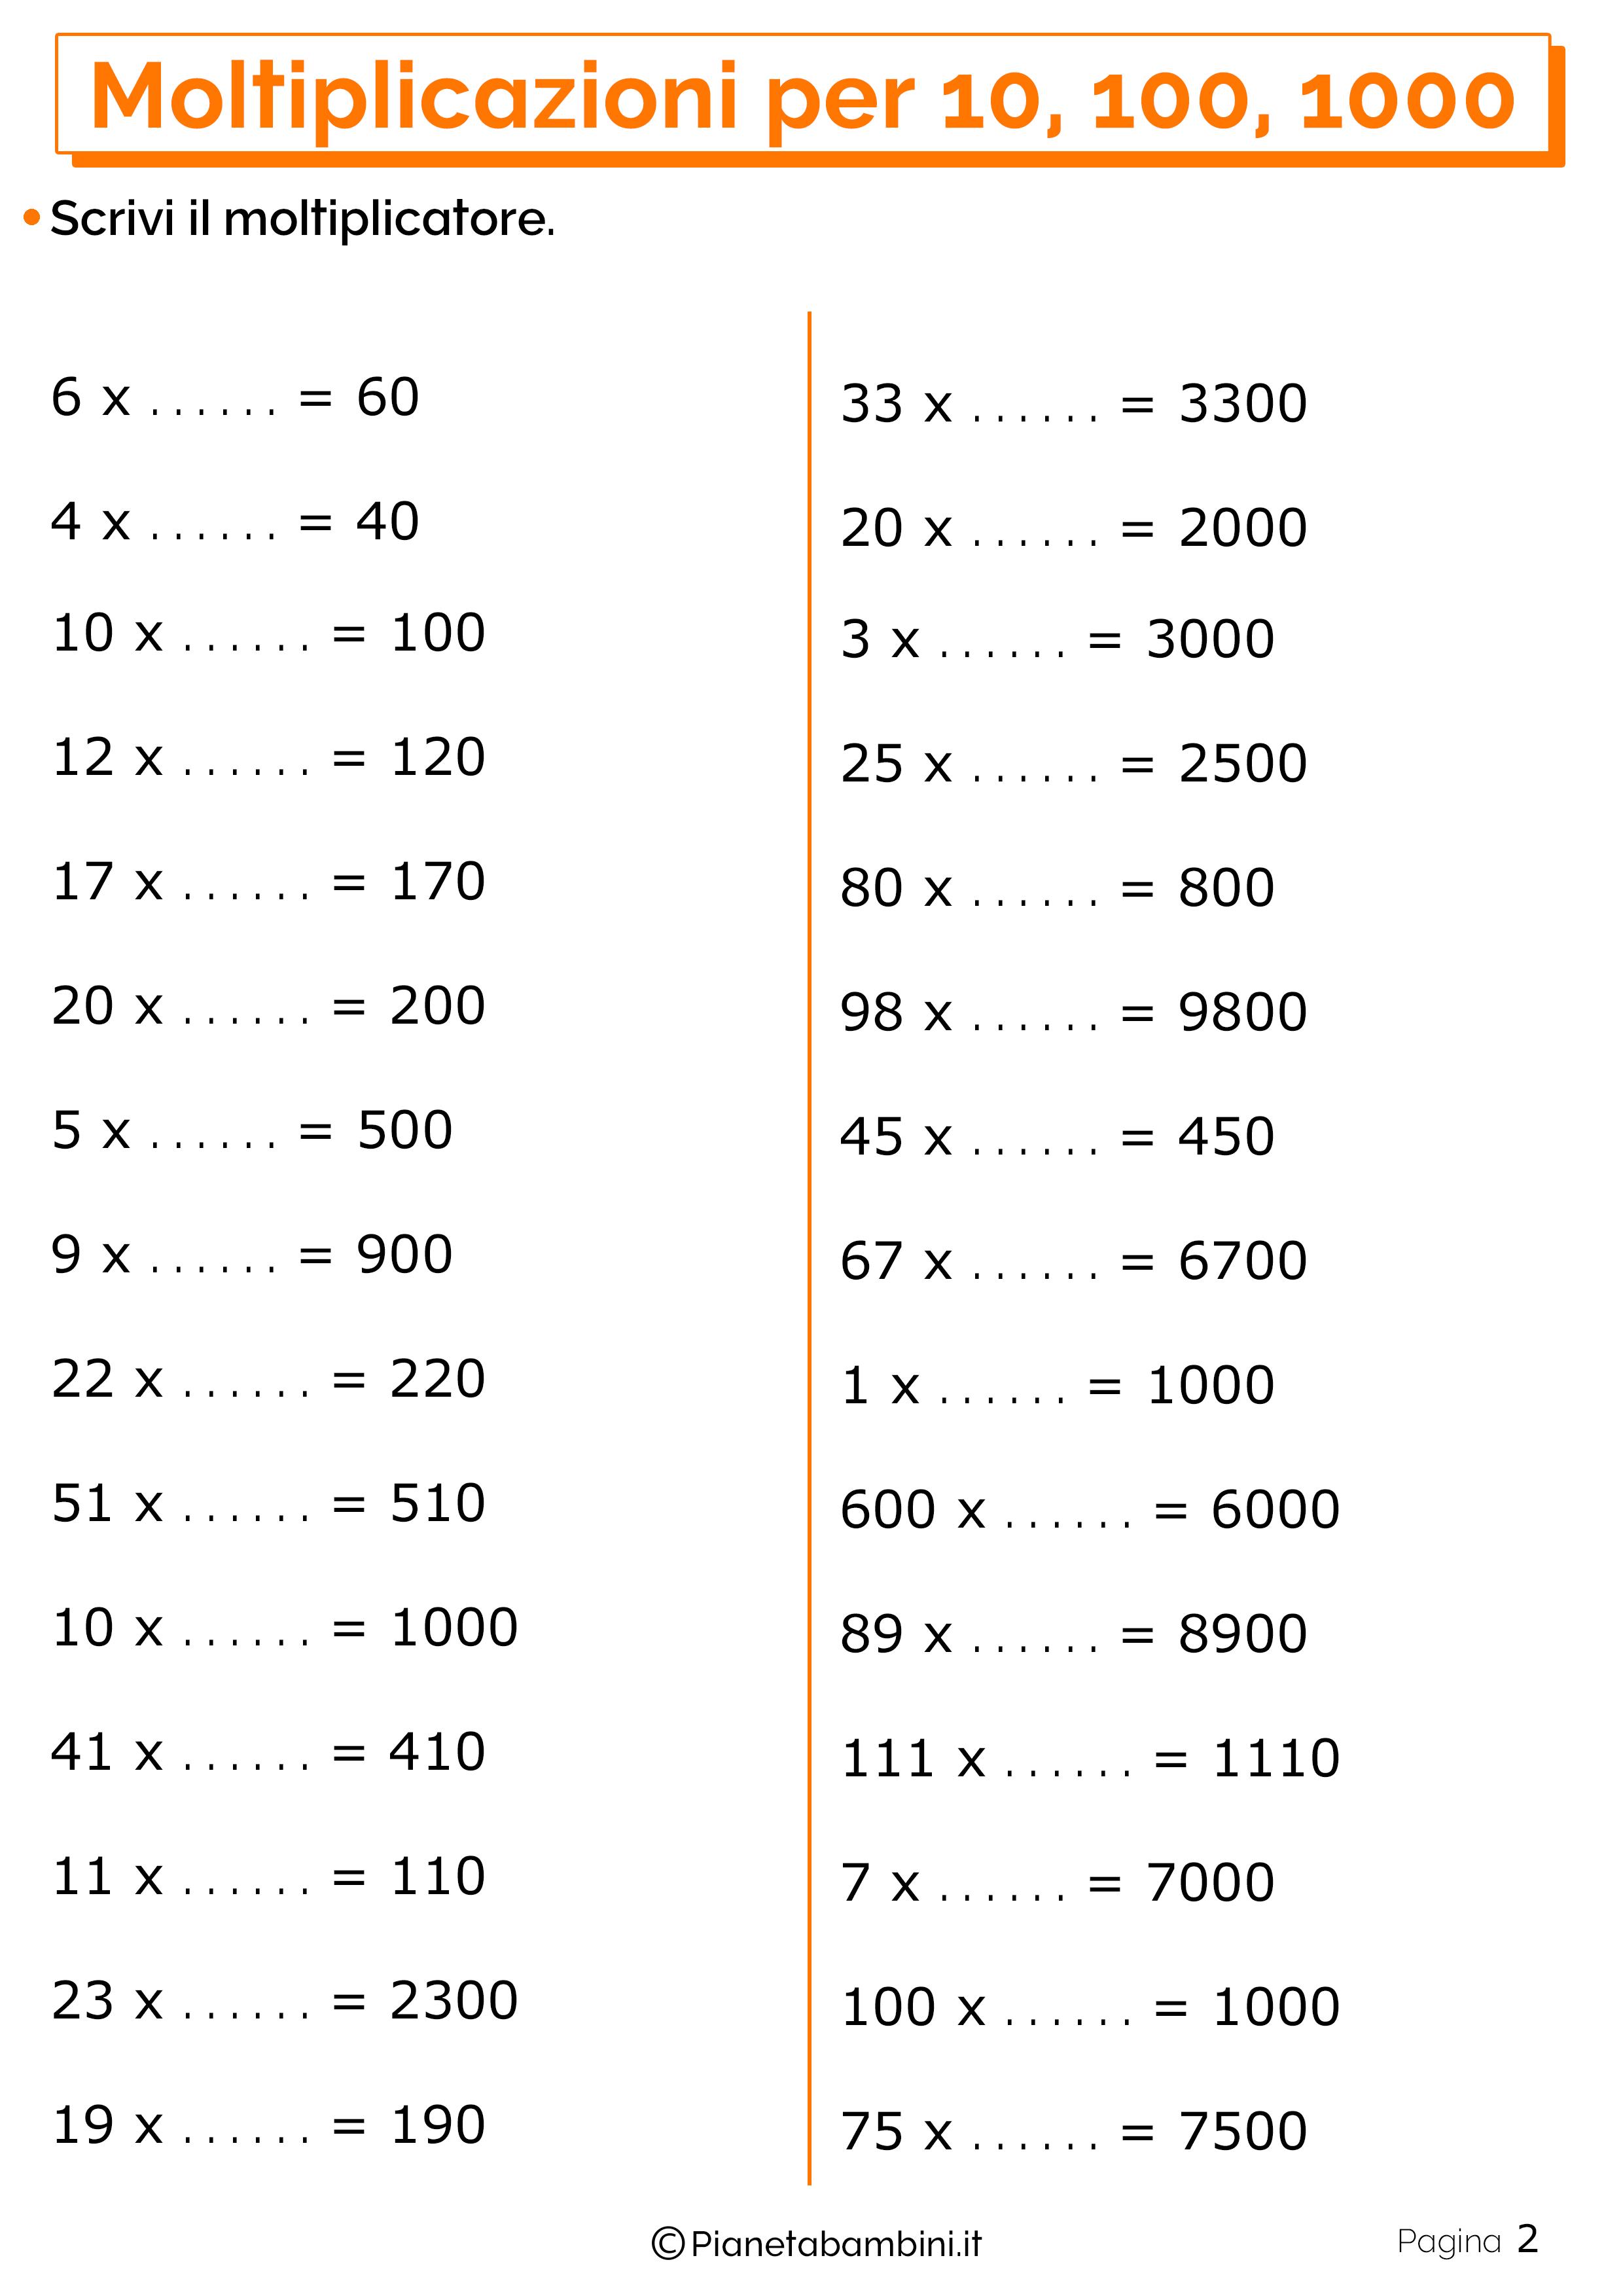 Schede didattiche moltiplicazioni 10 100 1000_2